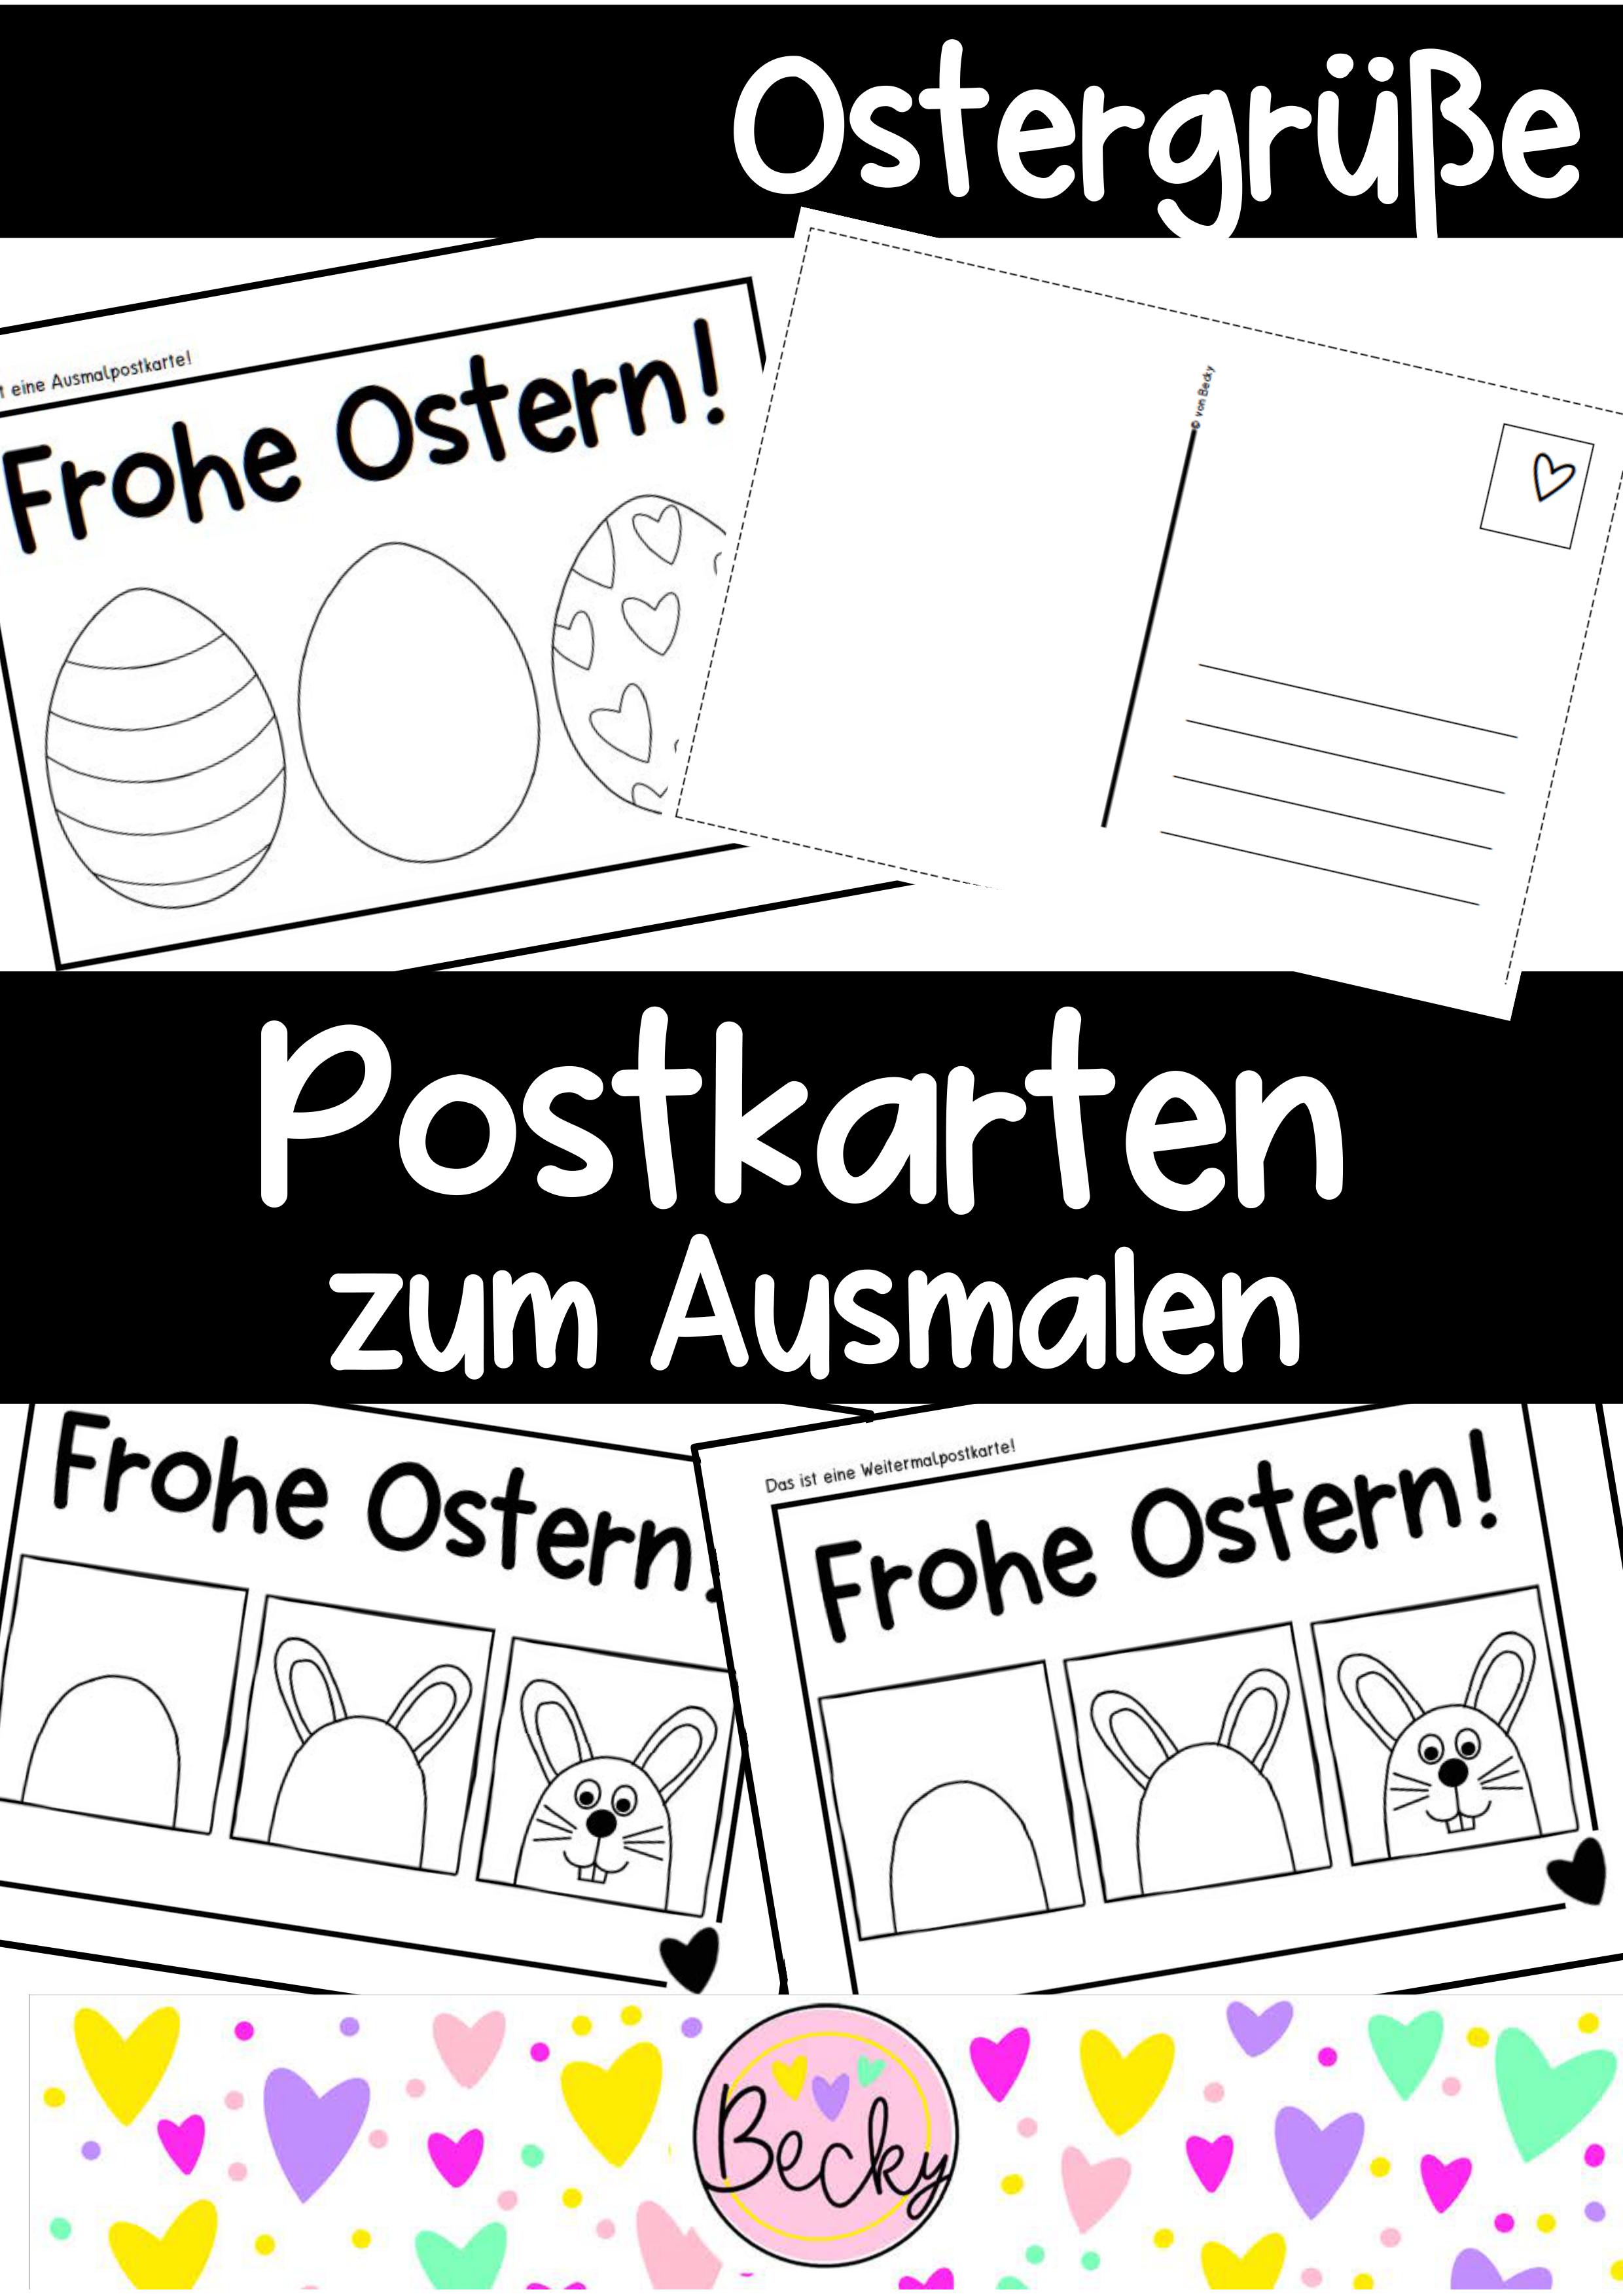 Ostergrusse Postkarte Zum Ausmalen Schulschliessung Homeschooling Unterrichtsmaterial In Den Fachern Fachubergreifendes Kunst Postkarten Ausmalen Karten